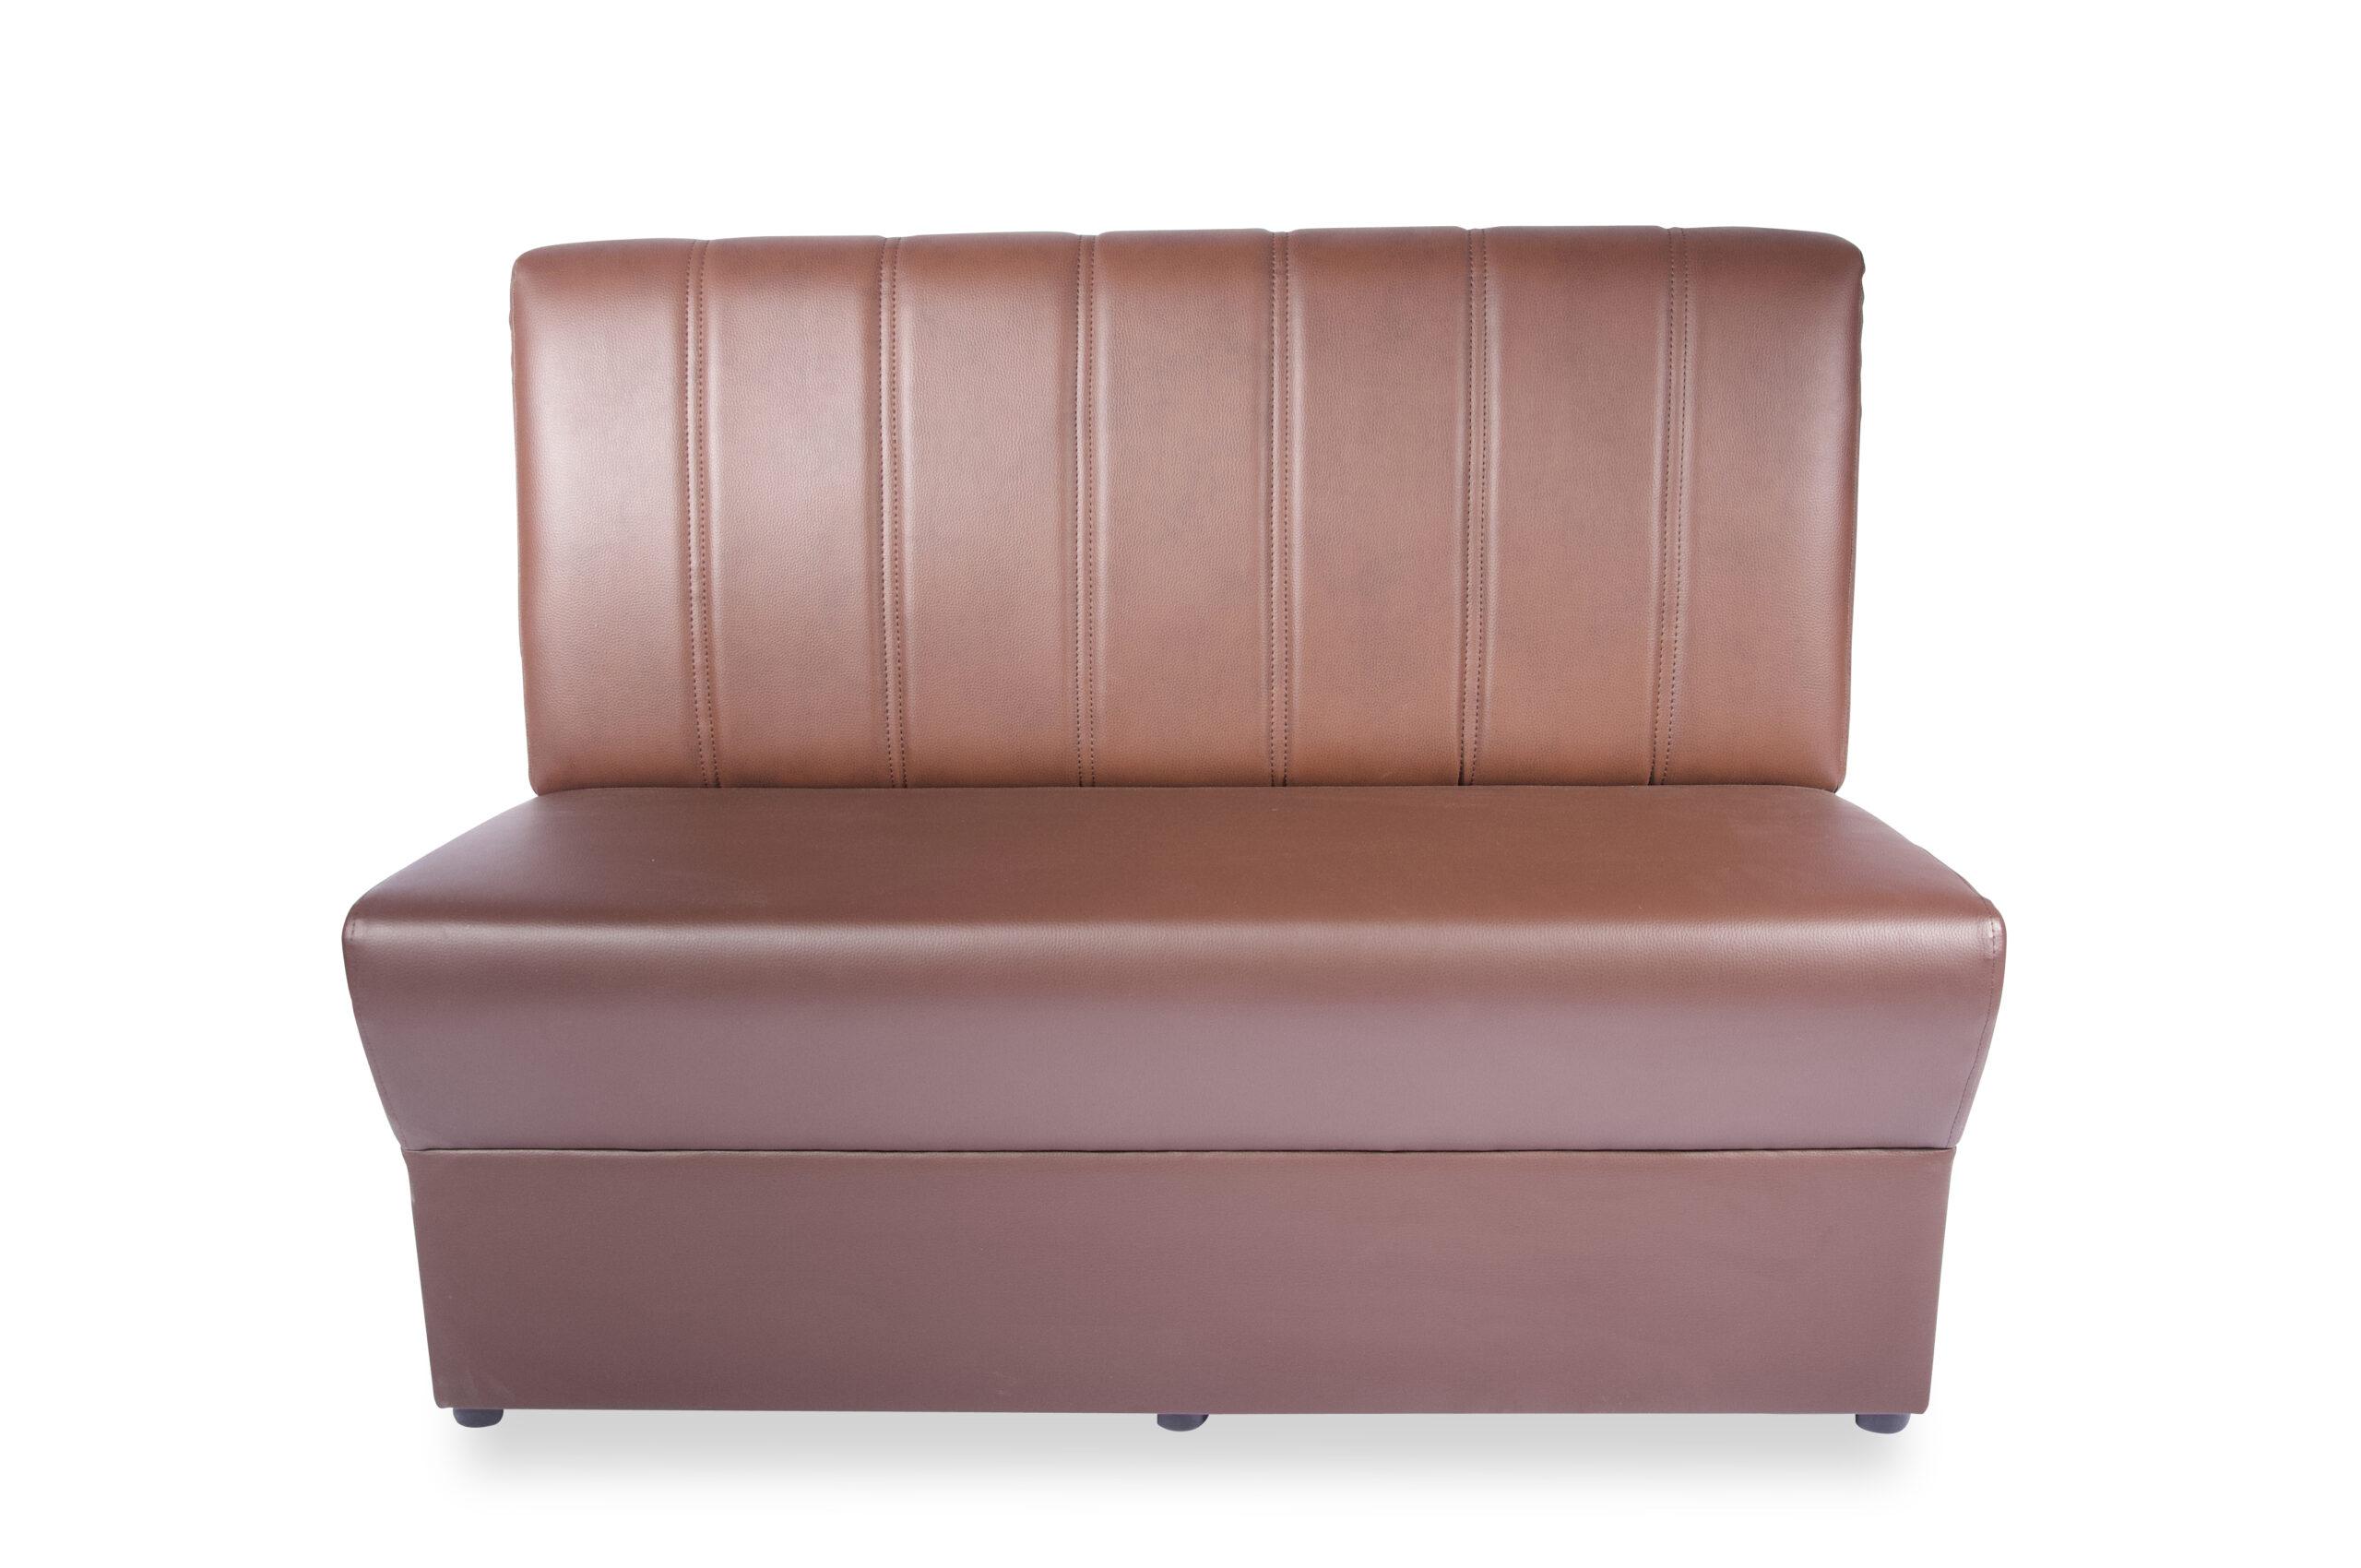 Madrid soffa sits klädd i brunt konstläder och ribbad rygg i ljusbrunt konstläder 160cm modul